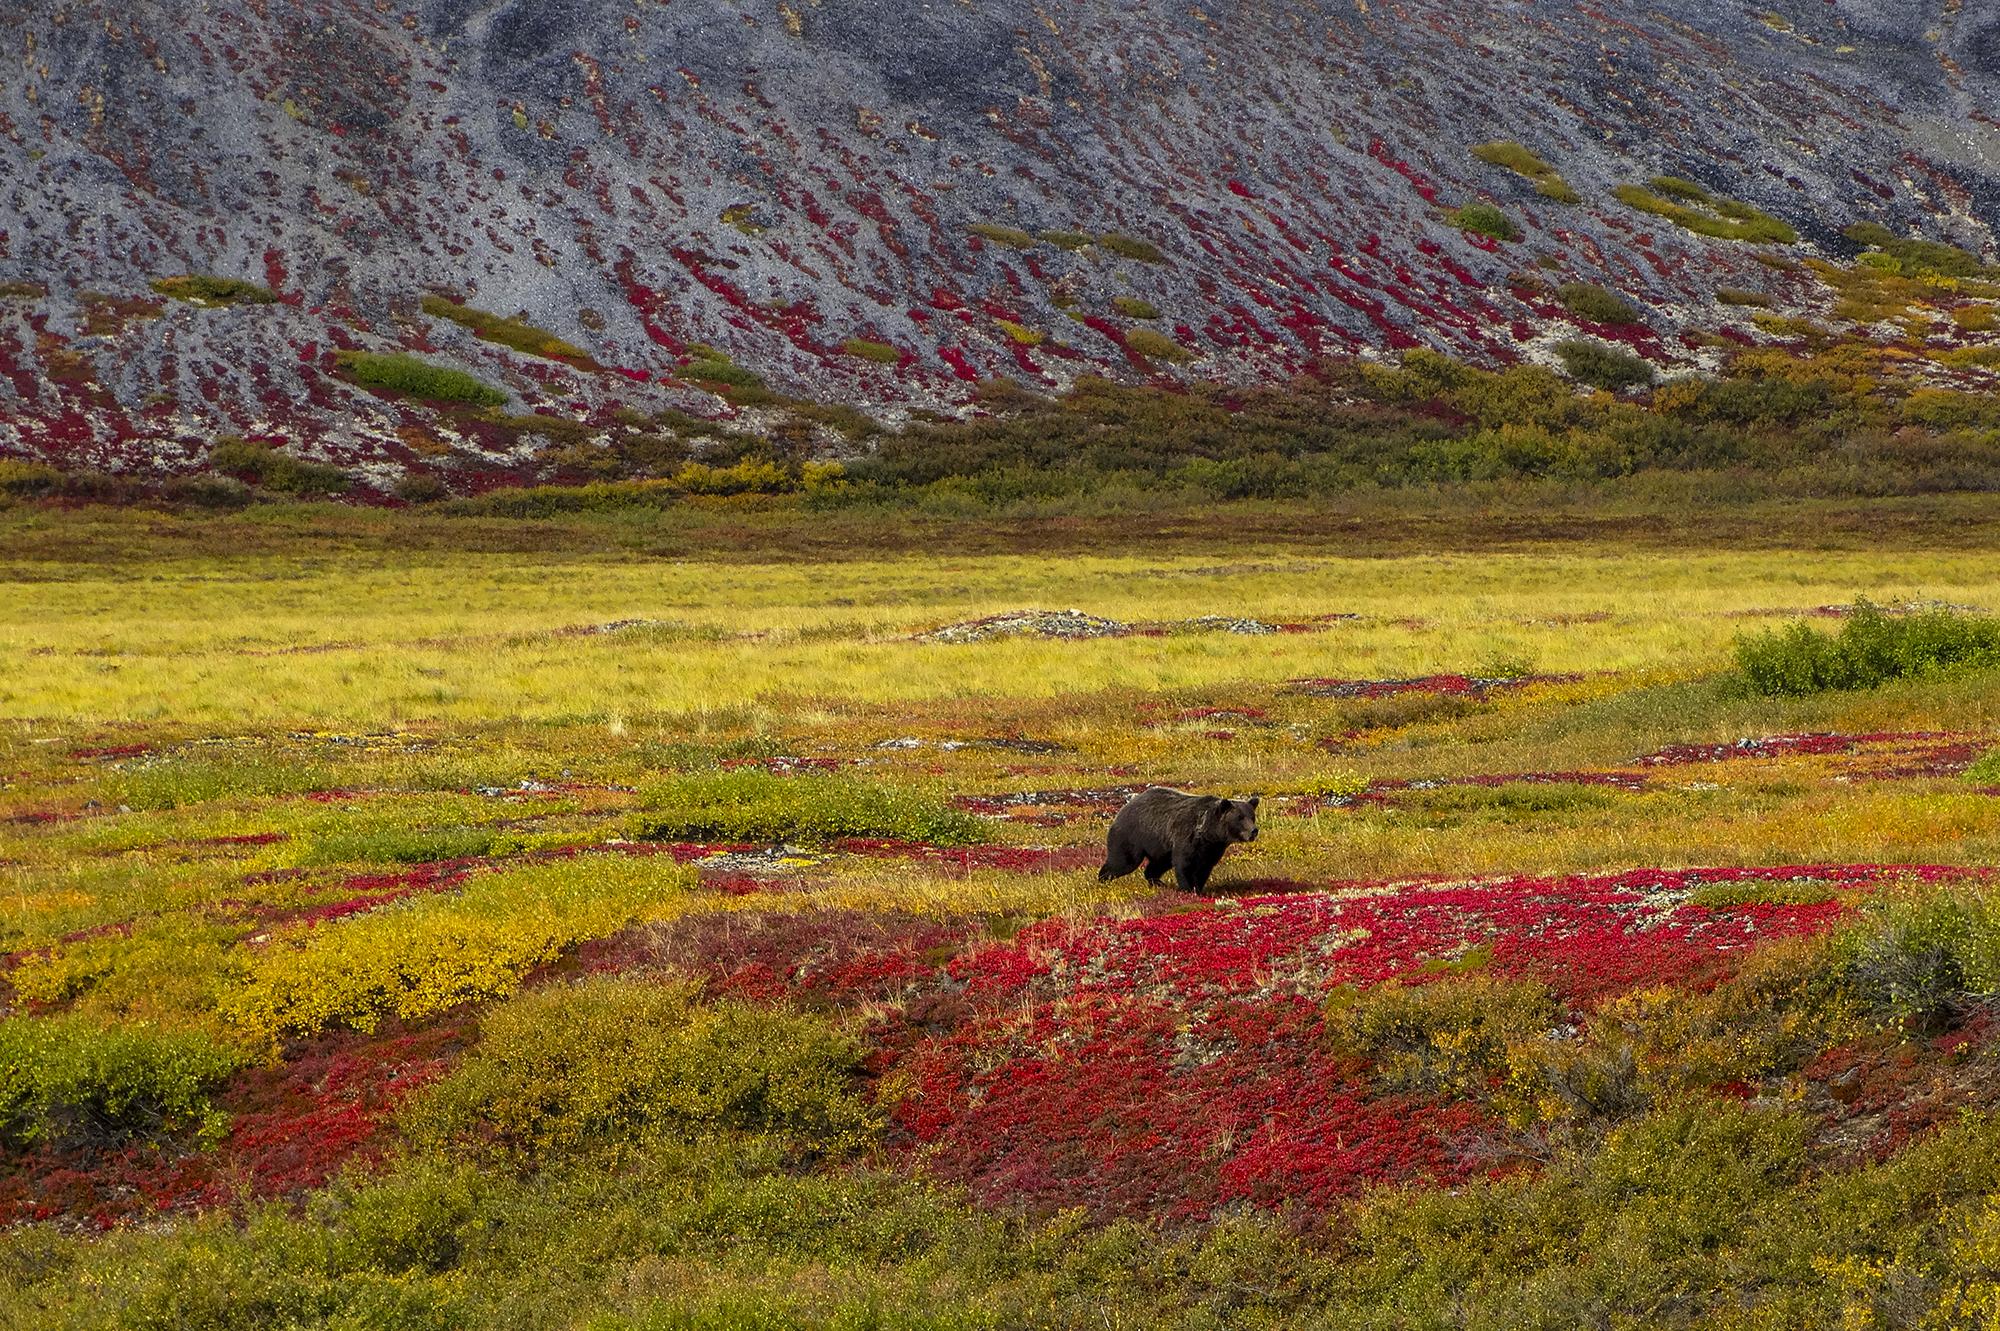 brown_bear_tundra.jpg